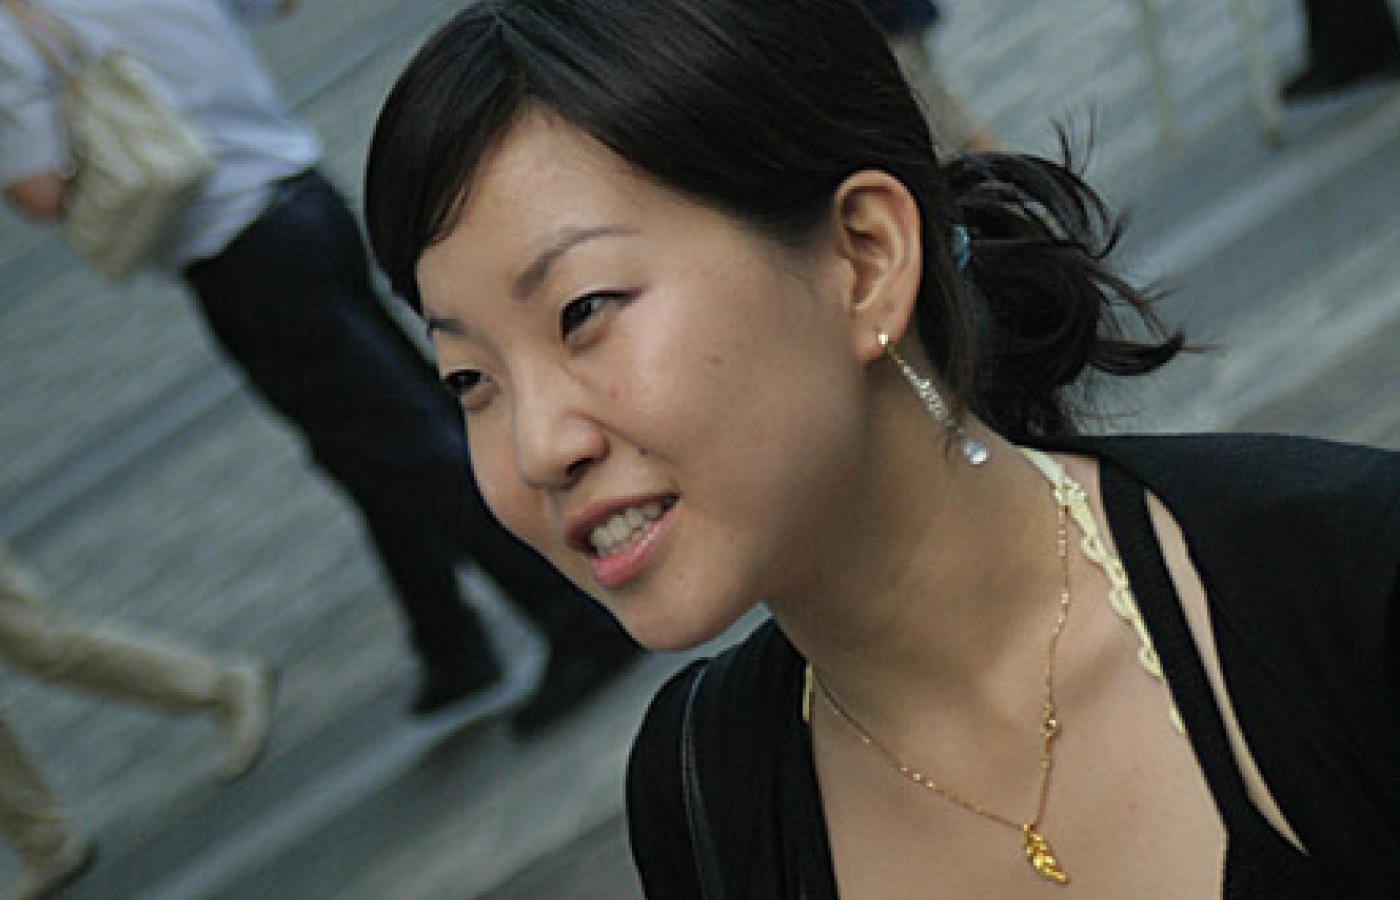 koreańskie ciosy domowej roboty niechlujstwa obciąganie